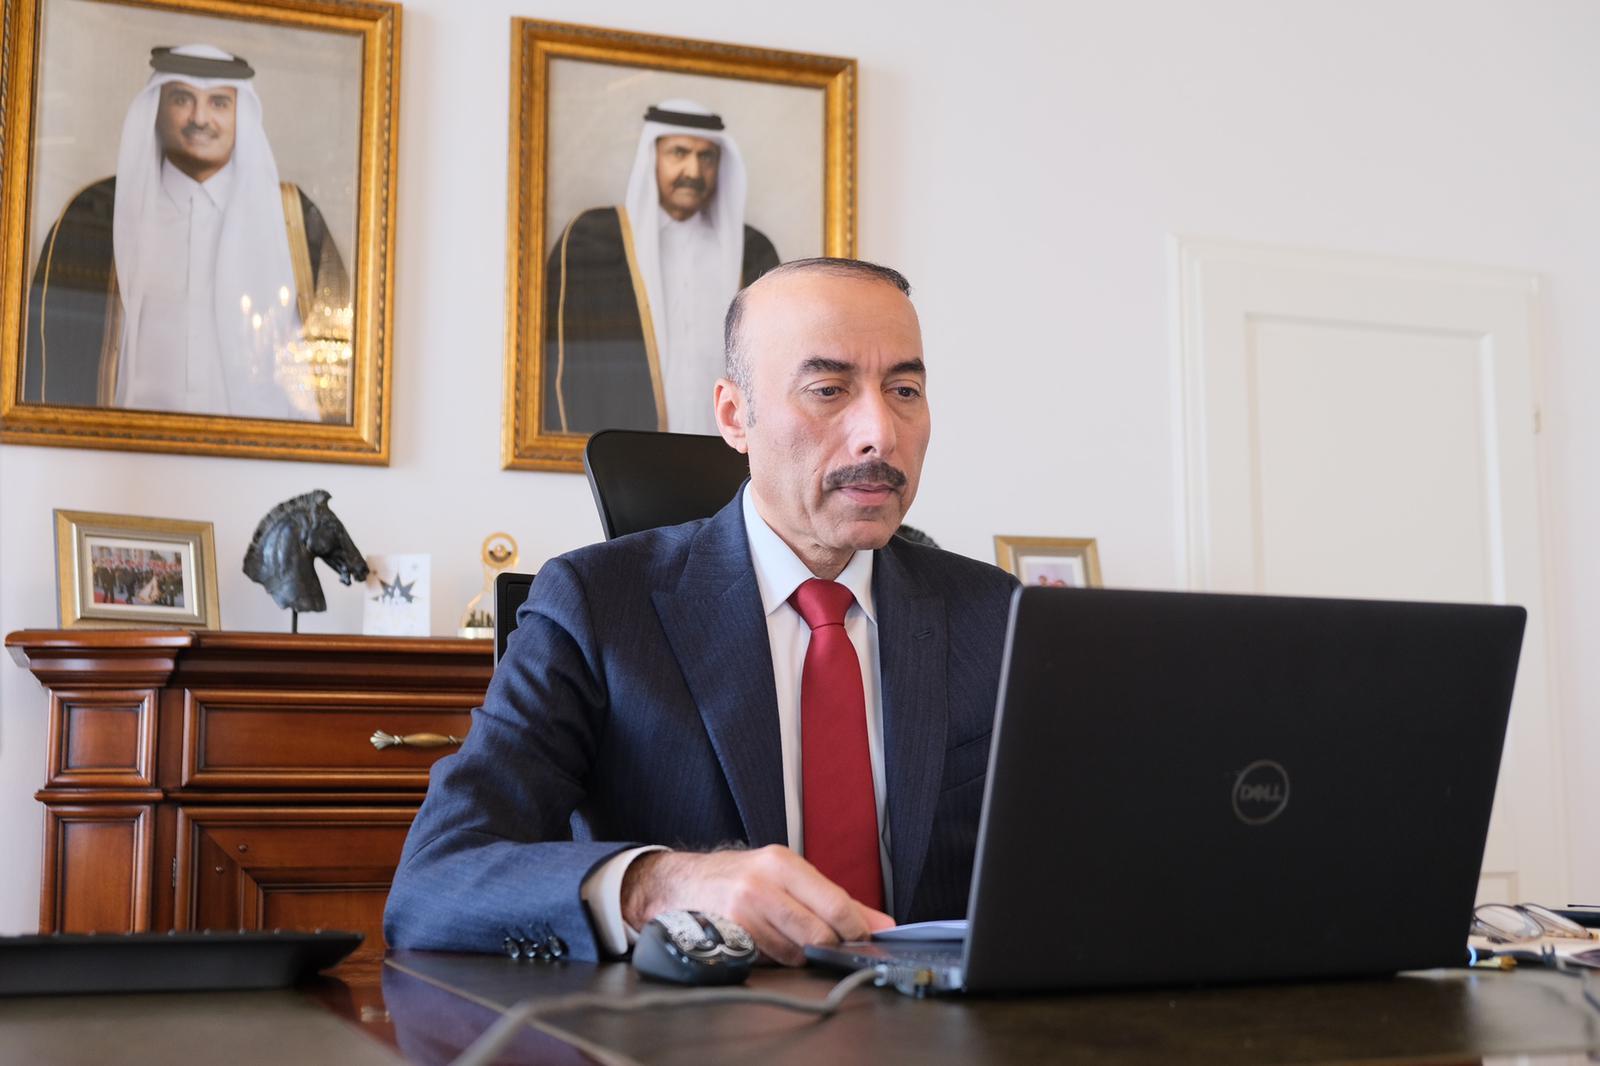 قطر تؤكد التزامها بمواصلة التعاون مع الأمم المتحدة للتصدي لمشكلة المخدرات